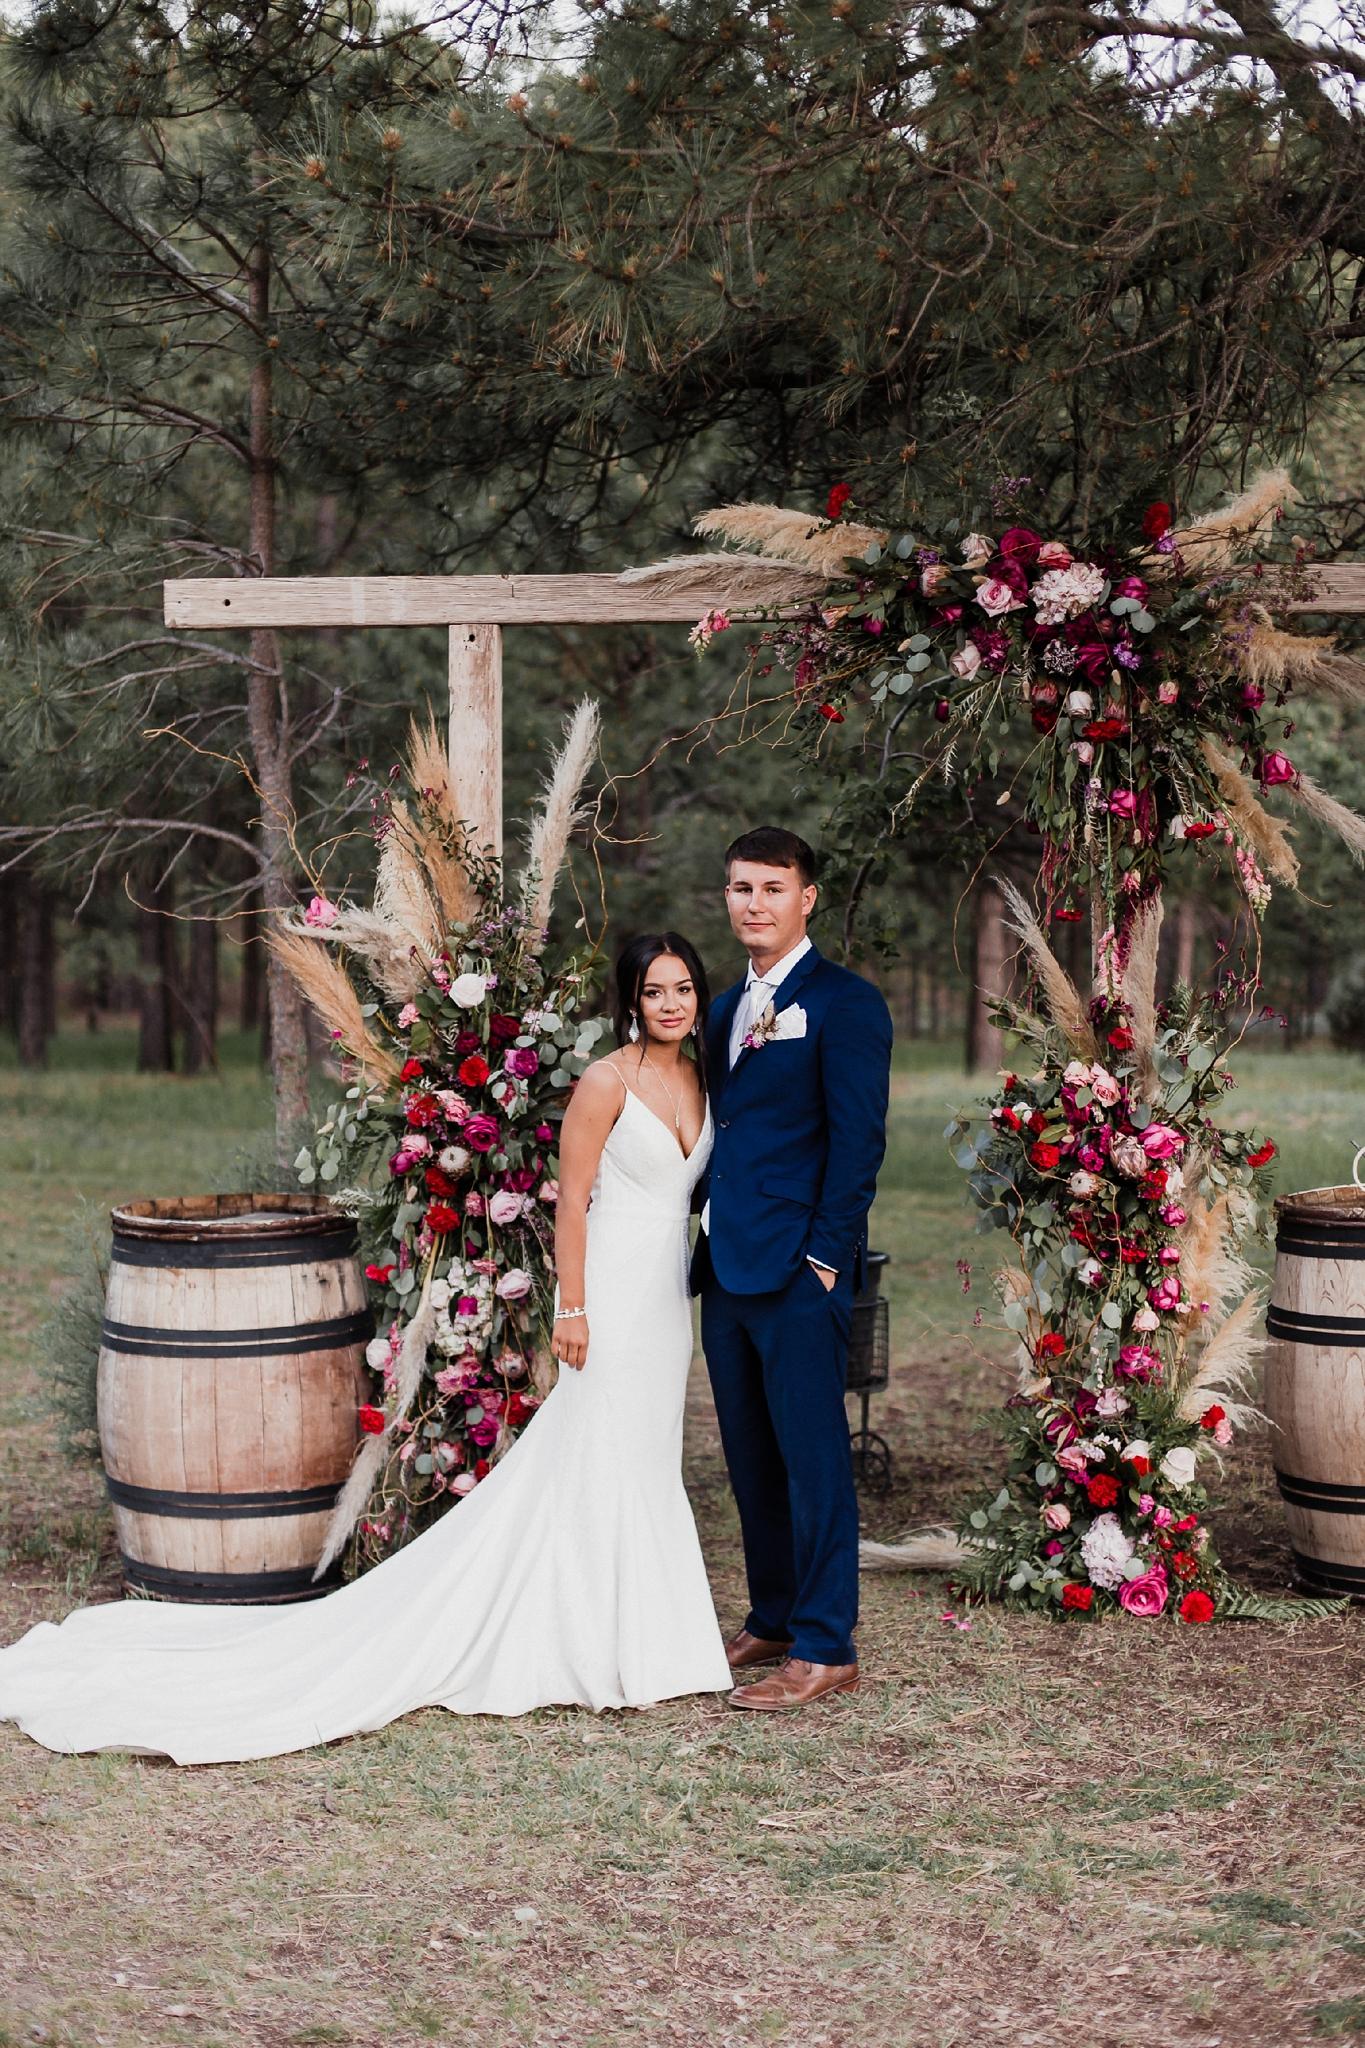 Alicia+lucia+photography+-+albuquerque+wedding+photographer+-+santa+fe+wedding+photography+-+new+mexico+wedding+photographer+-+new+mexico+wedding+-+new+mexico+wedding+-+barn+wedding+-+enchanted+vine+barn+wedding+-+ruidoso+wedding_0140.jpg